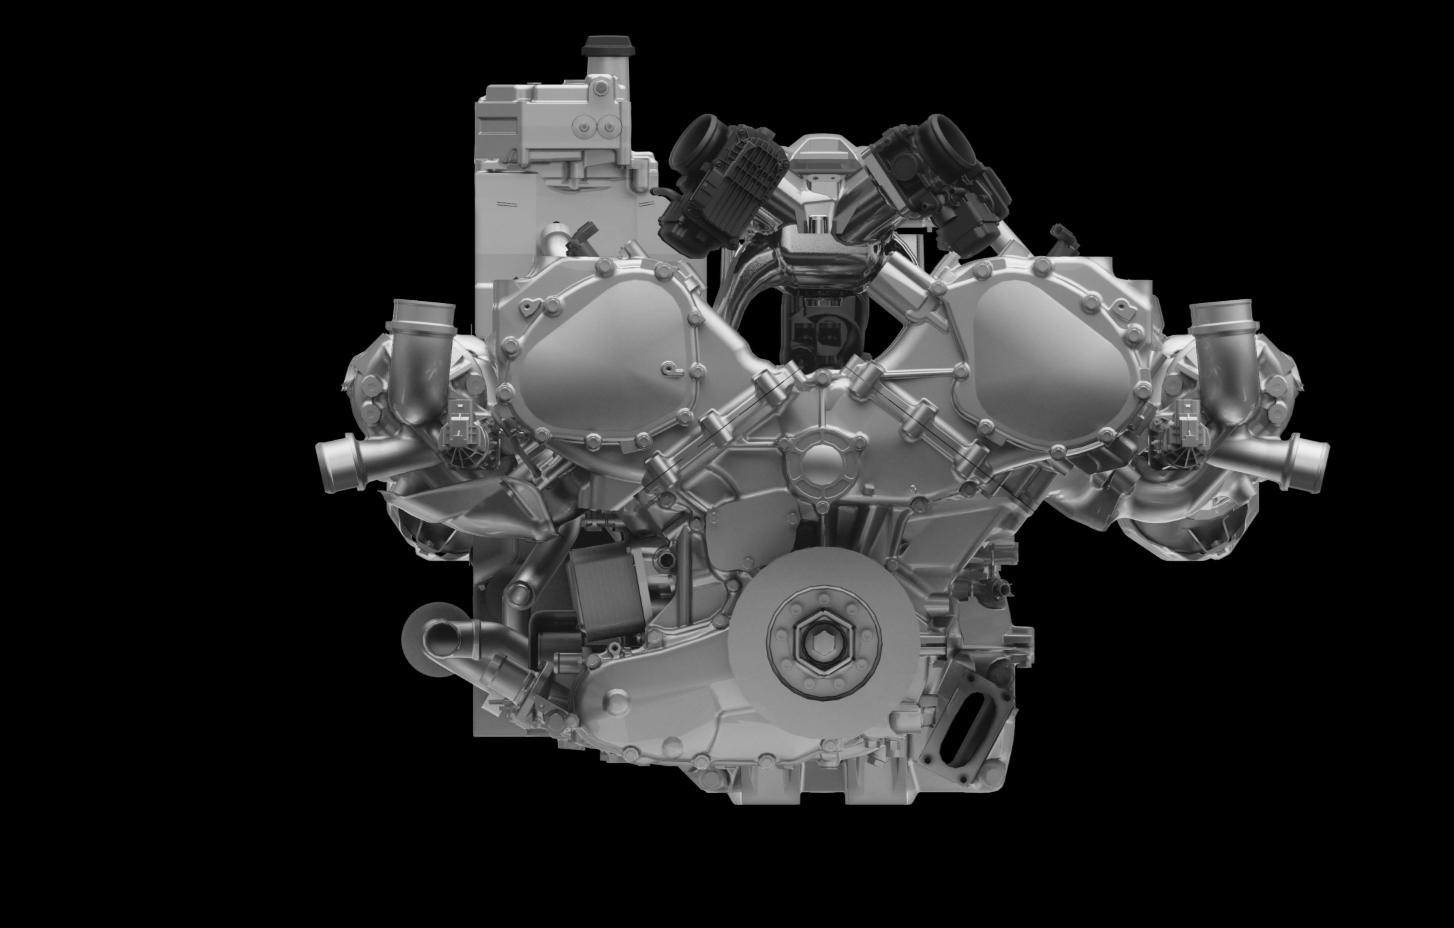 nsx engine render graphic